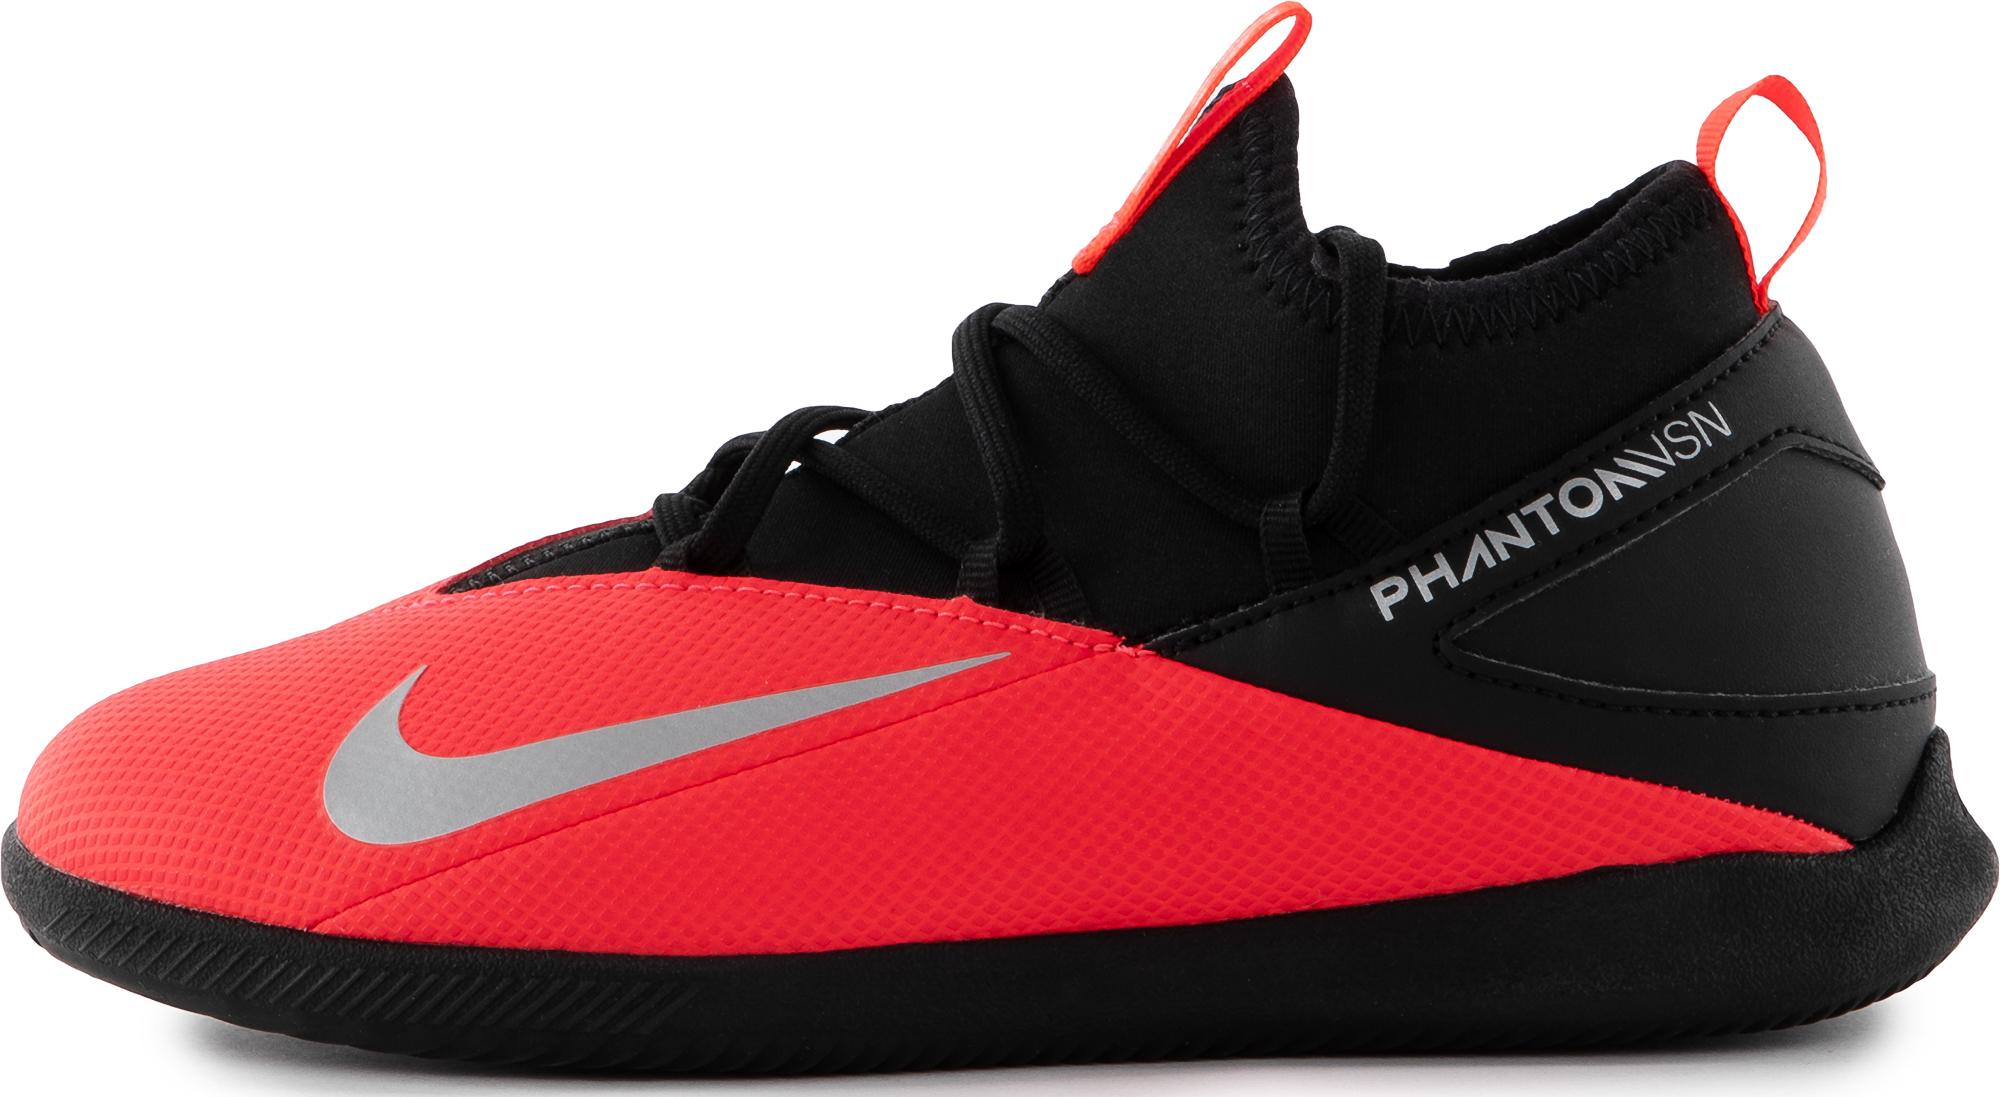 цена Nike Бутсы для мальчиков Nike Phantom Vision 2 Club Dynamic Fit IC, размер 36.5 онлайн в 2017 году